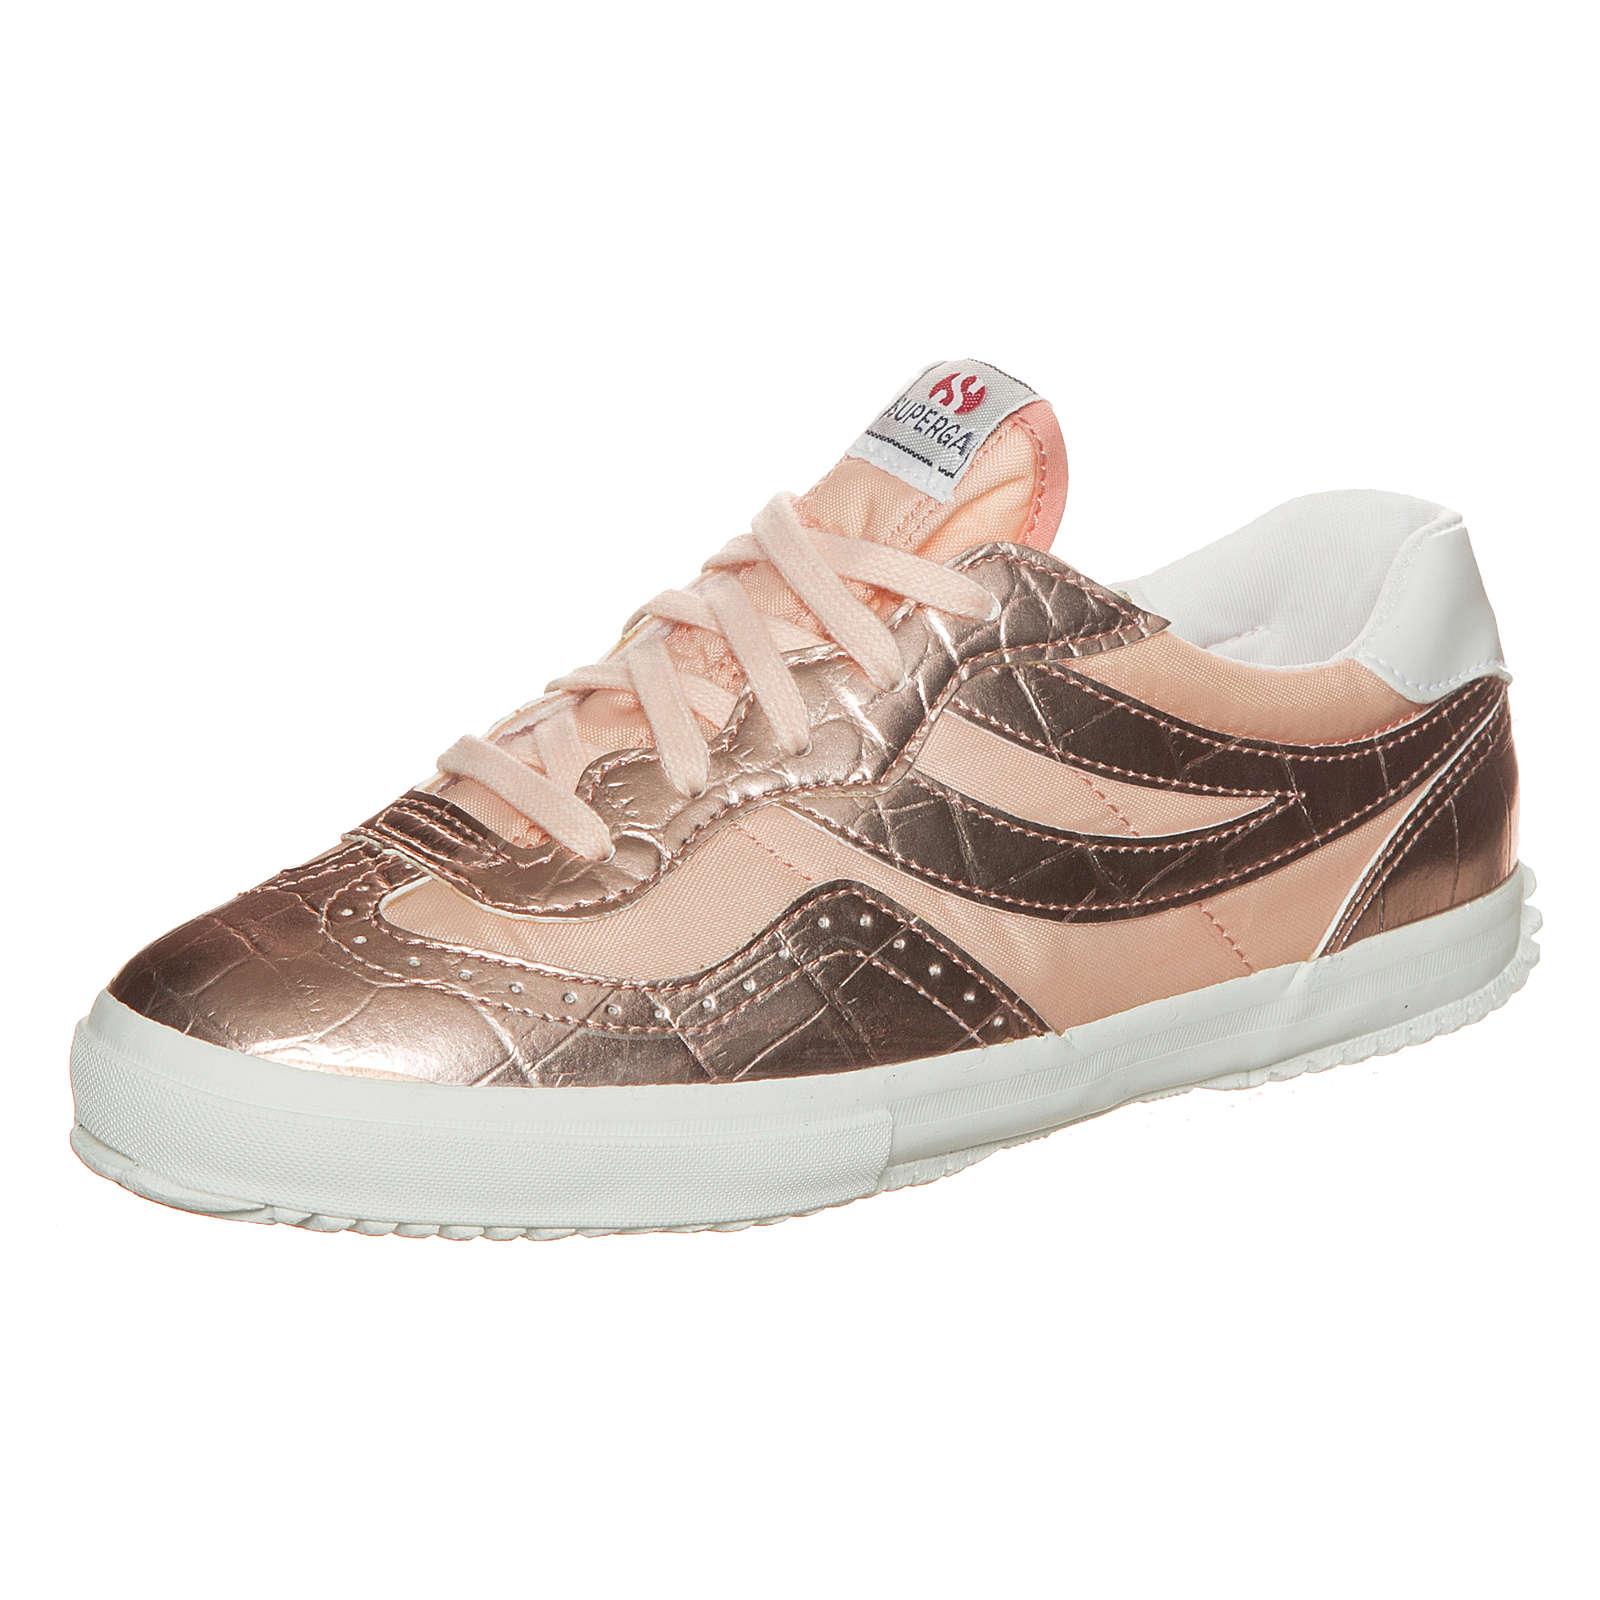 Superga® Superga 2832 Metcrow Sneaker braun-kombi Damen Gr. 36